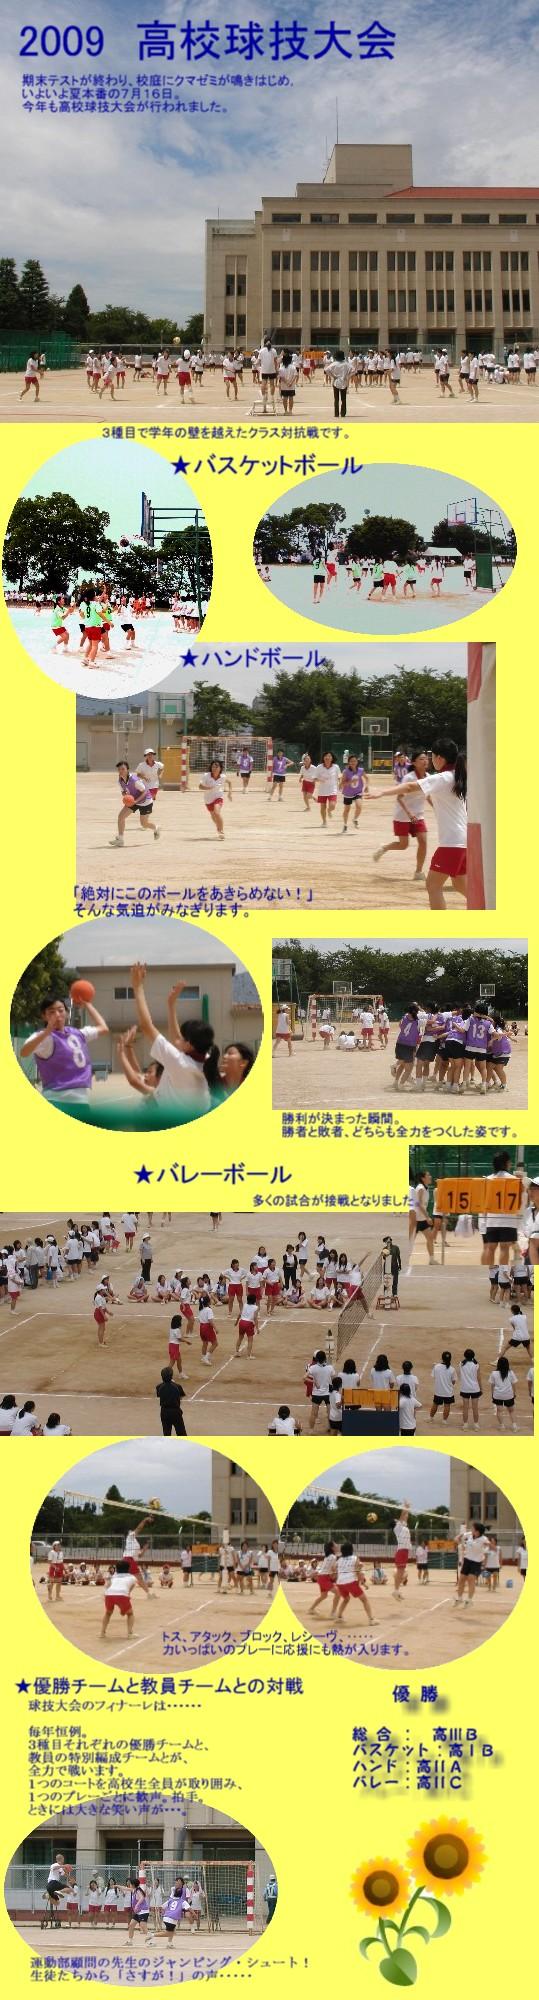 09高校球技大会.JPG